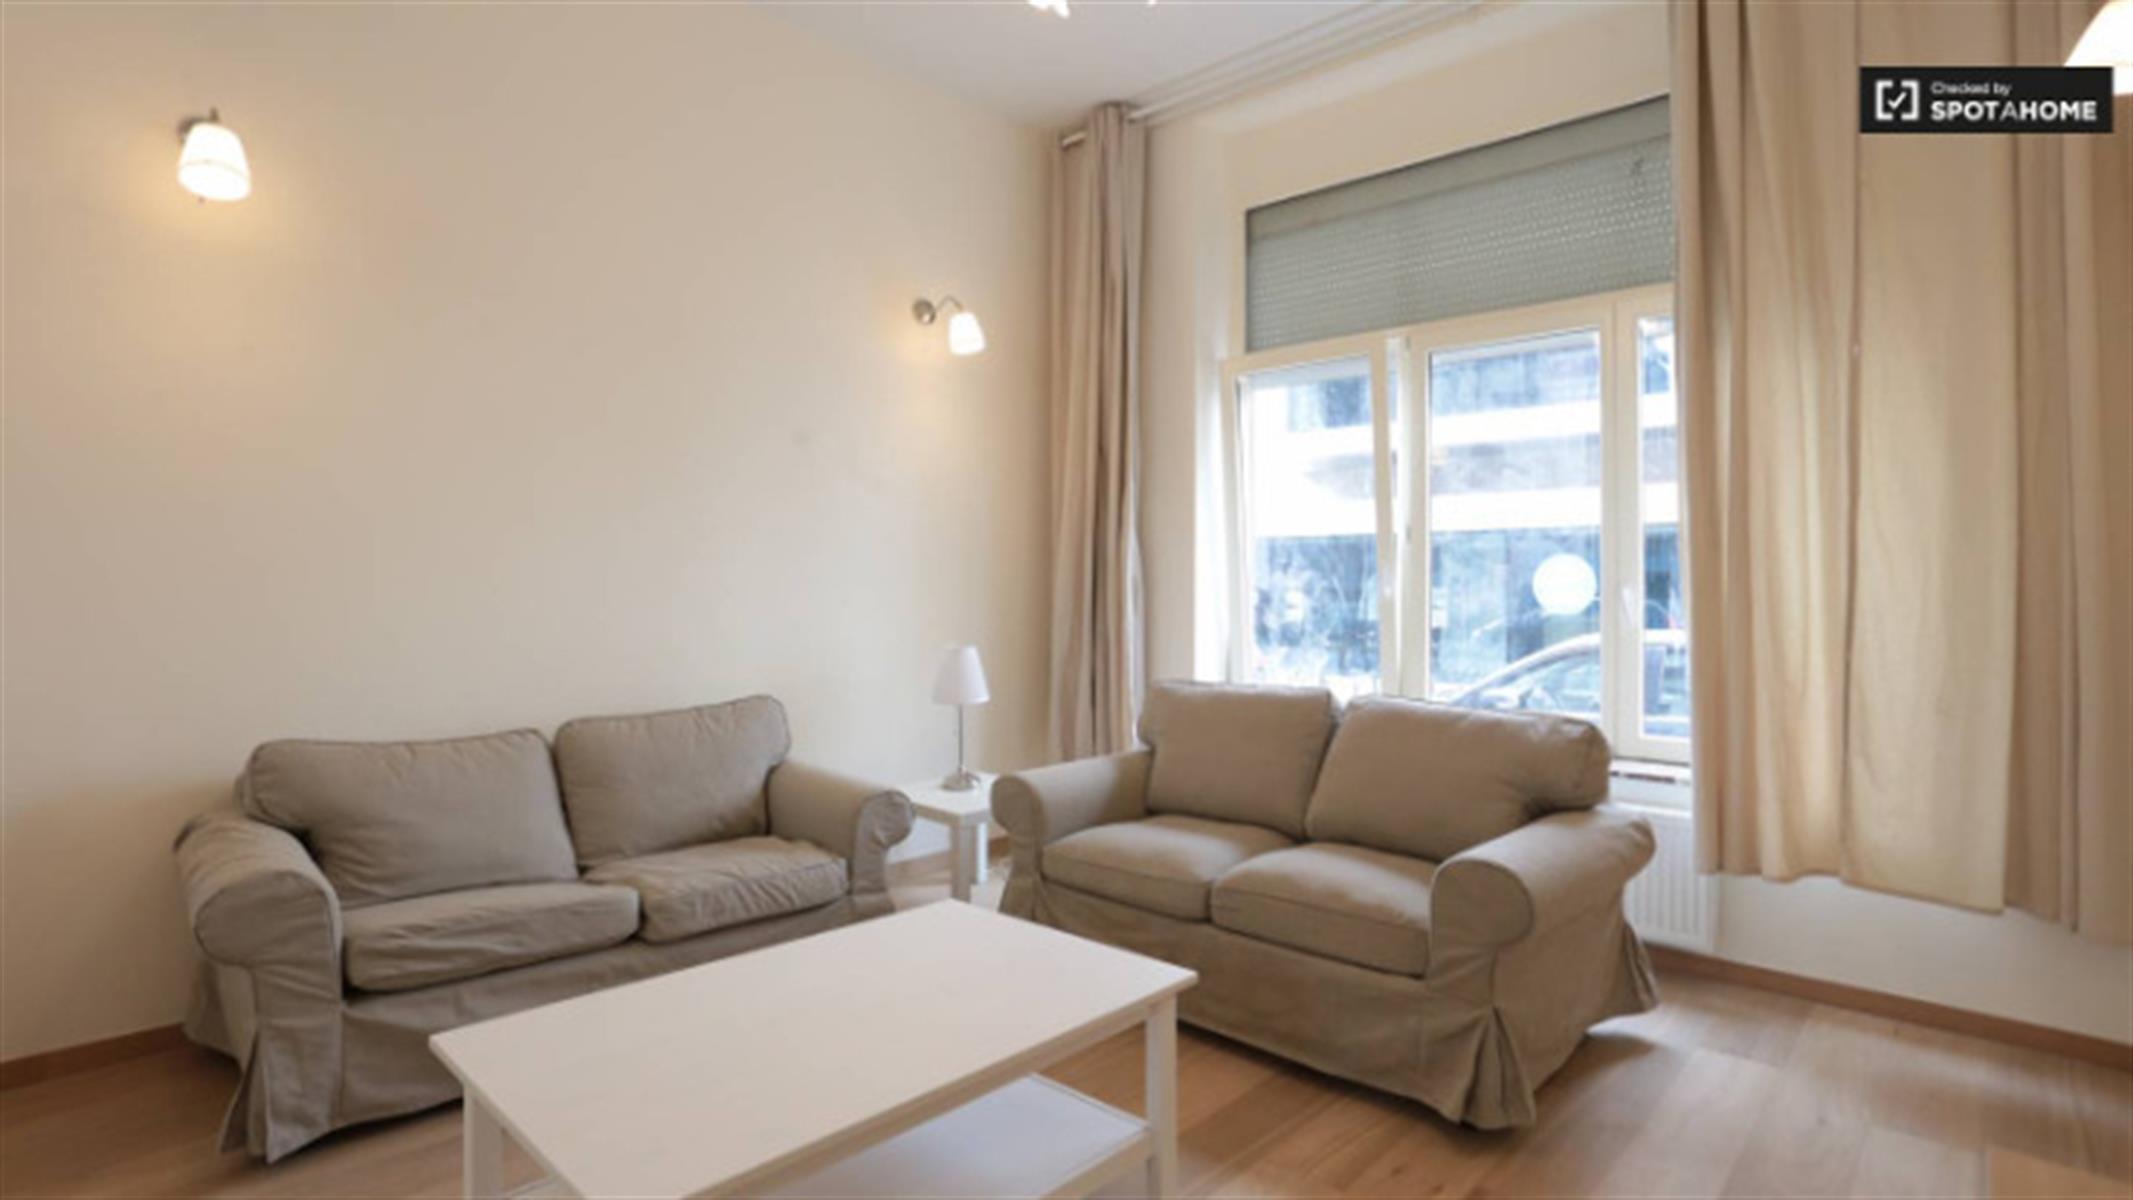 Duplex - Ixelles - #4150164-2